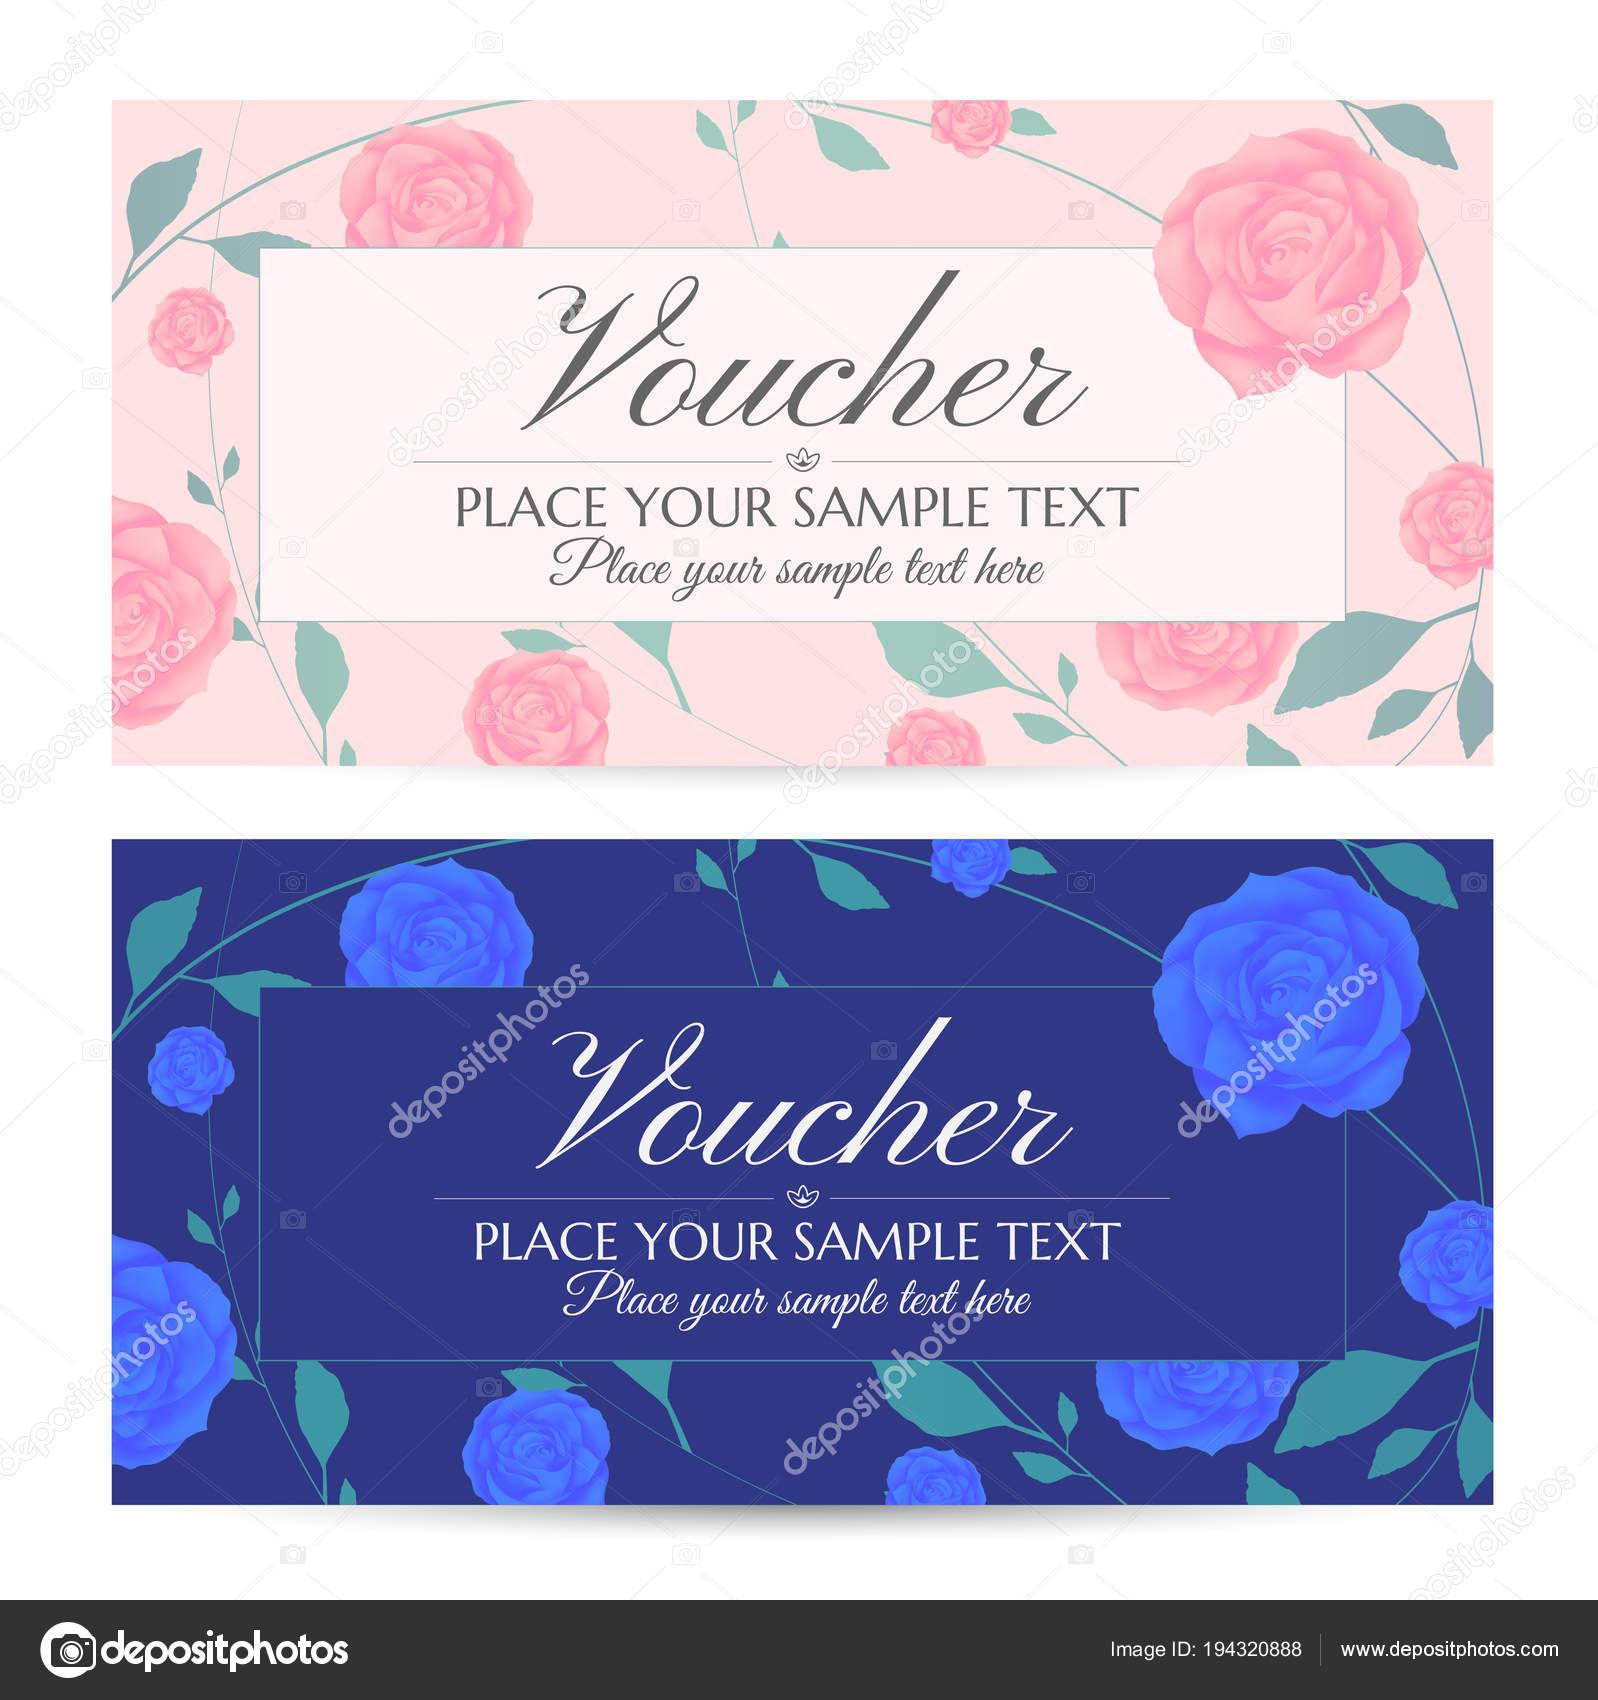 Gutschein Geschenkgutschein Gutschein Vorlage Mit Blumen Blau Rosa ...